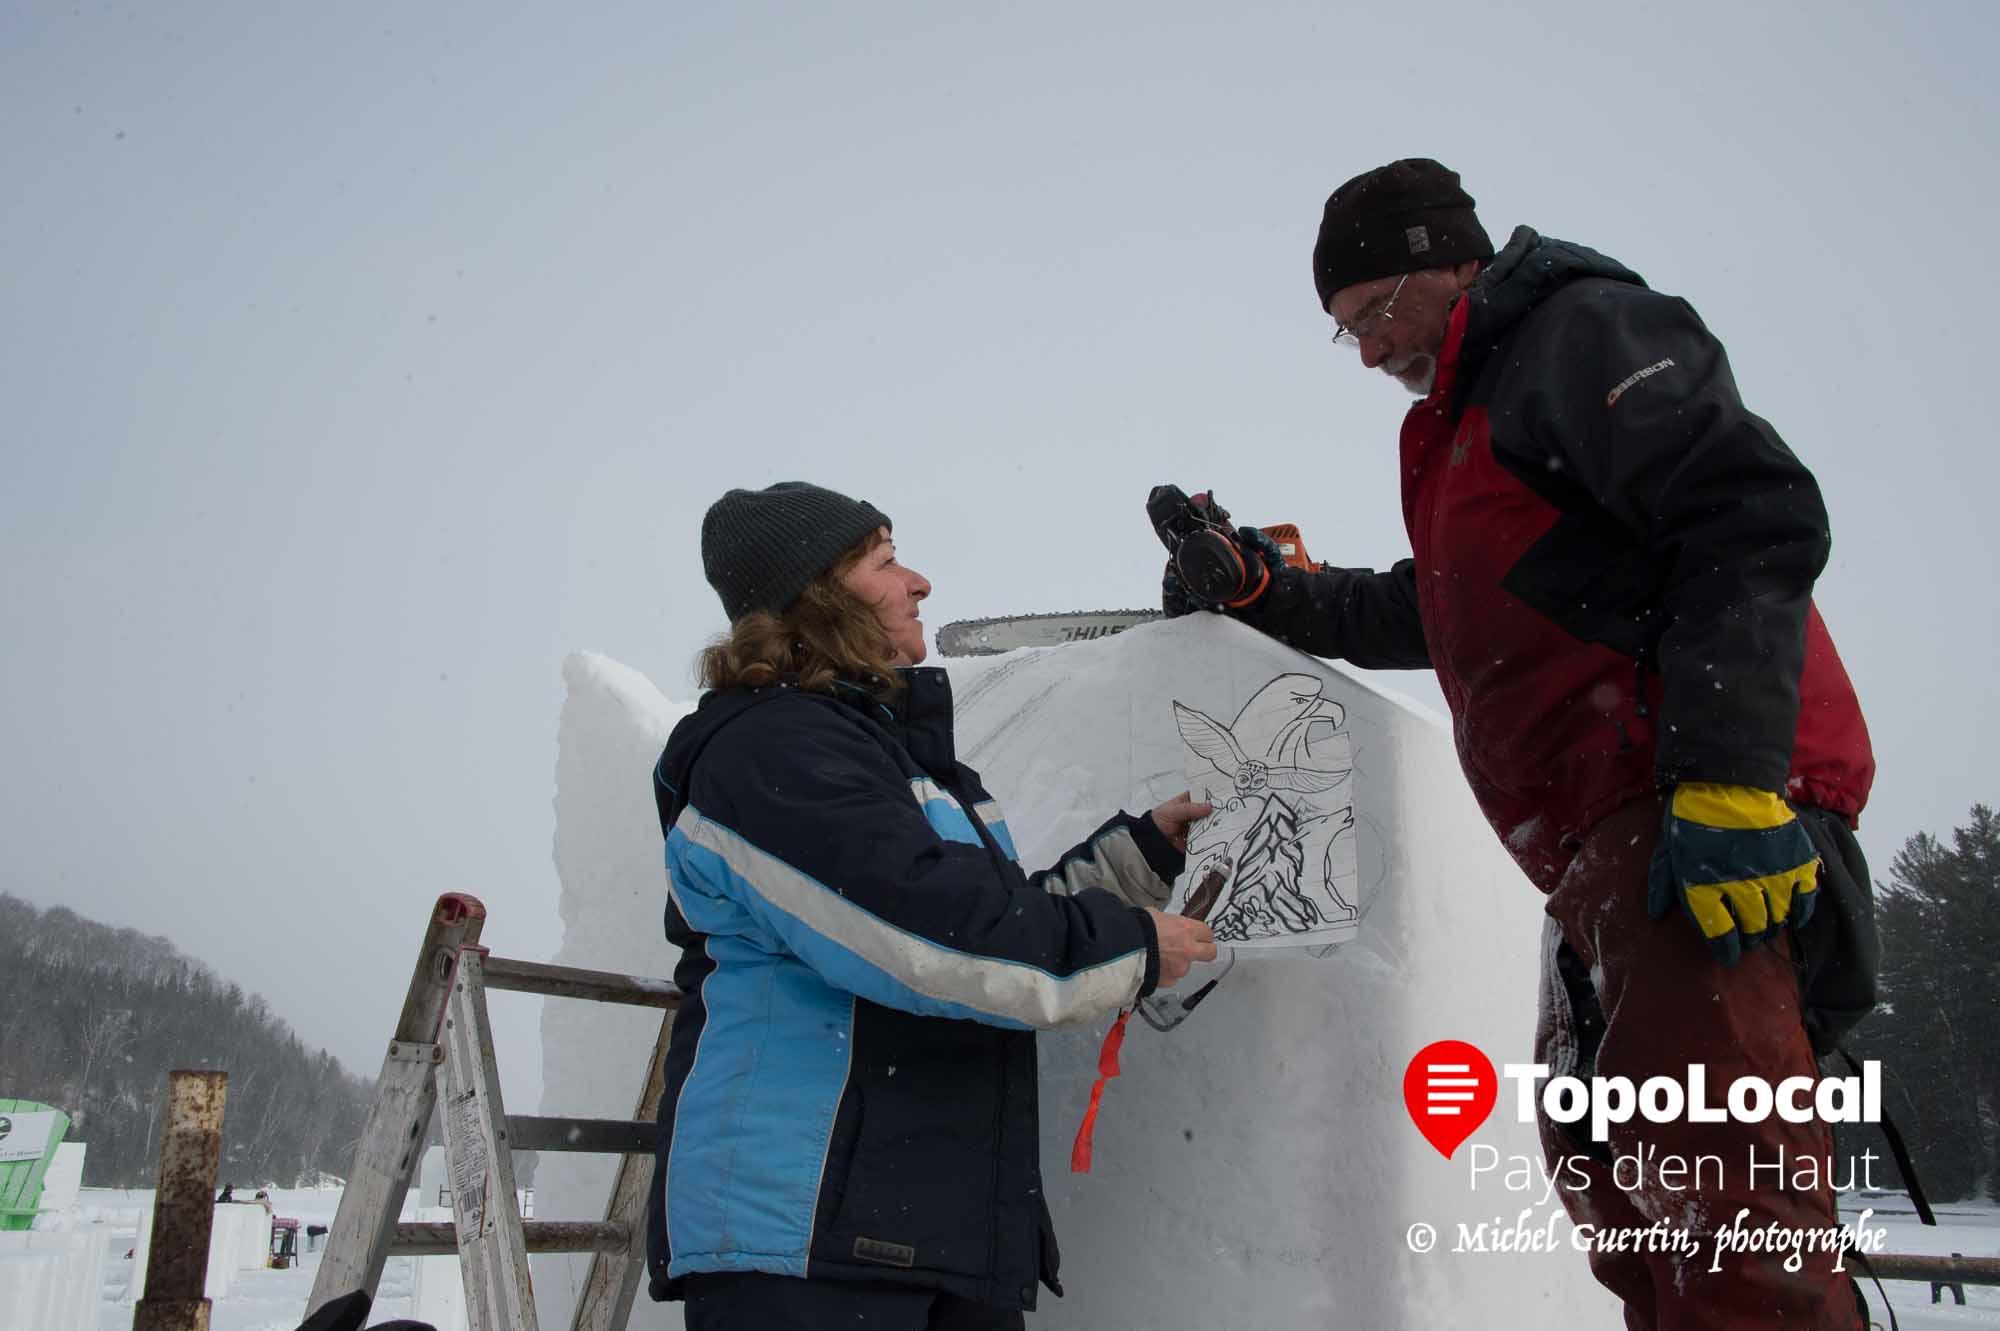 Les artistes sculpteurs sur neige Micheline Coutlé et Pierre Turgeon se consultent avant de commencer à créer leur sculpture.